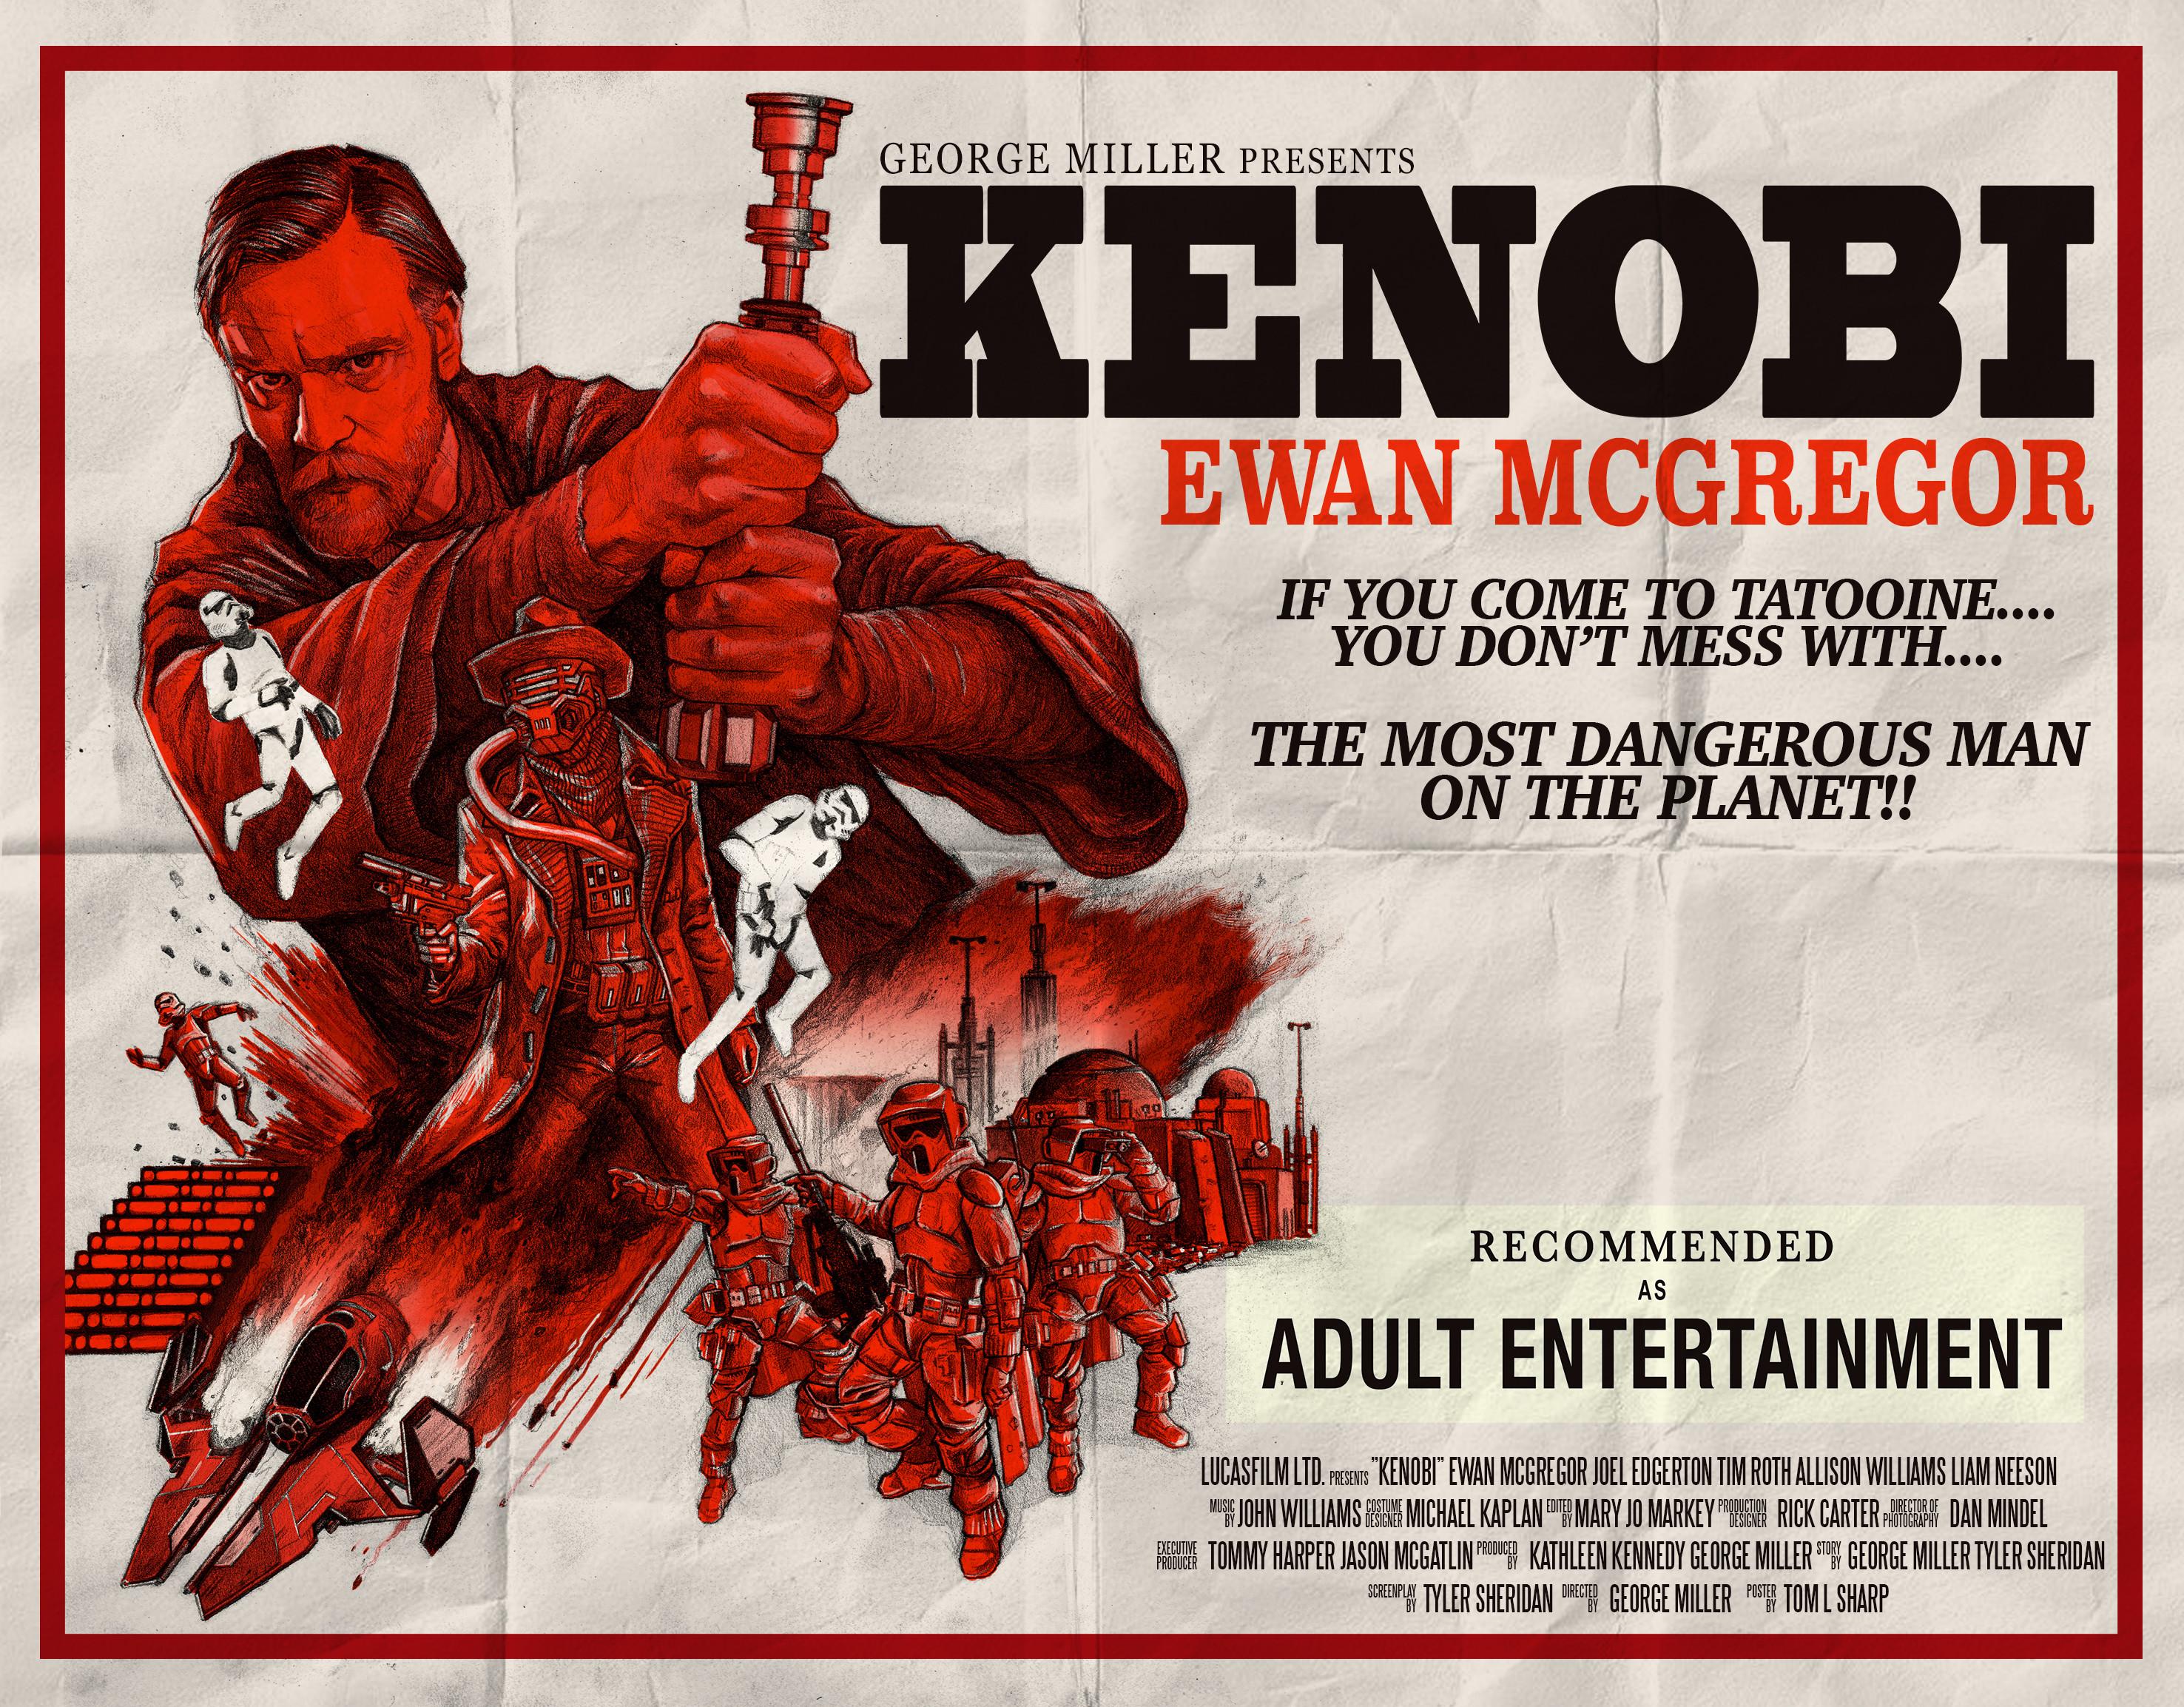 Ewan Mcgregor Obi Wan Kenobi Stormtrooper 2952x2307